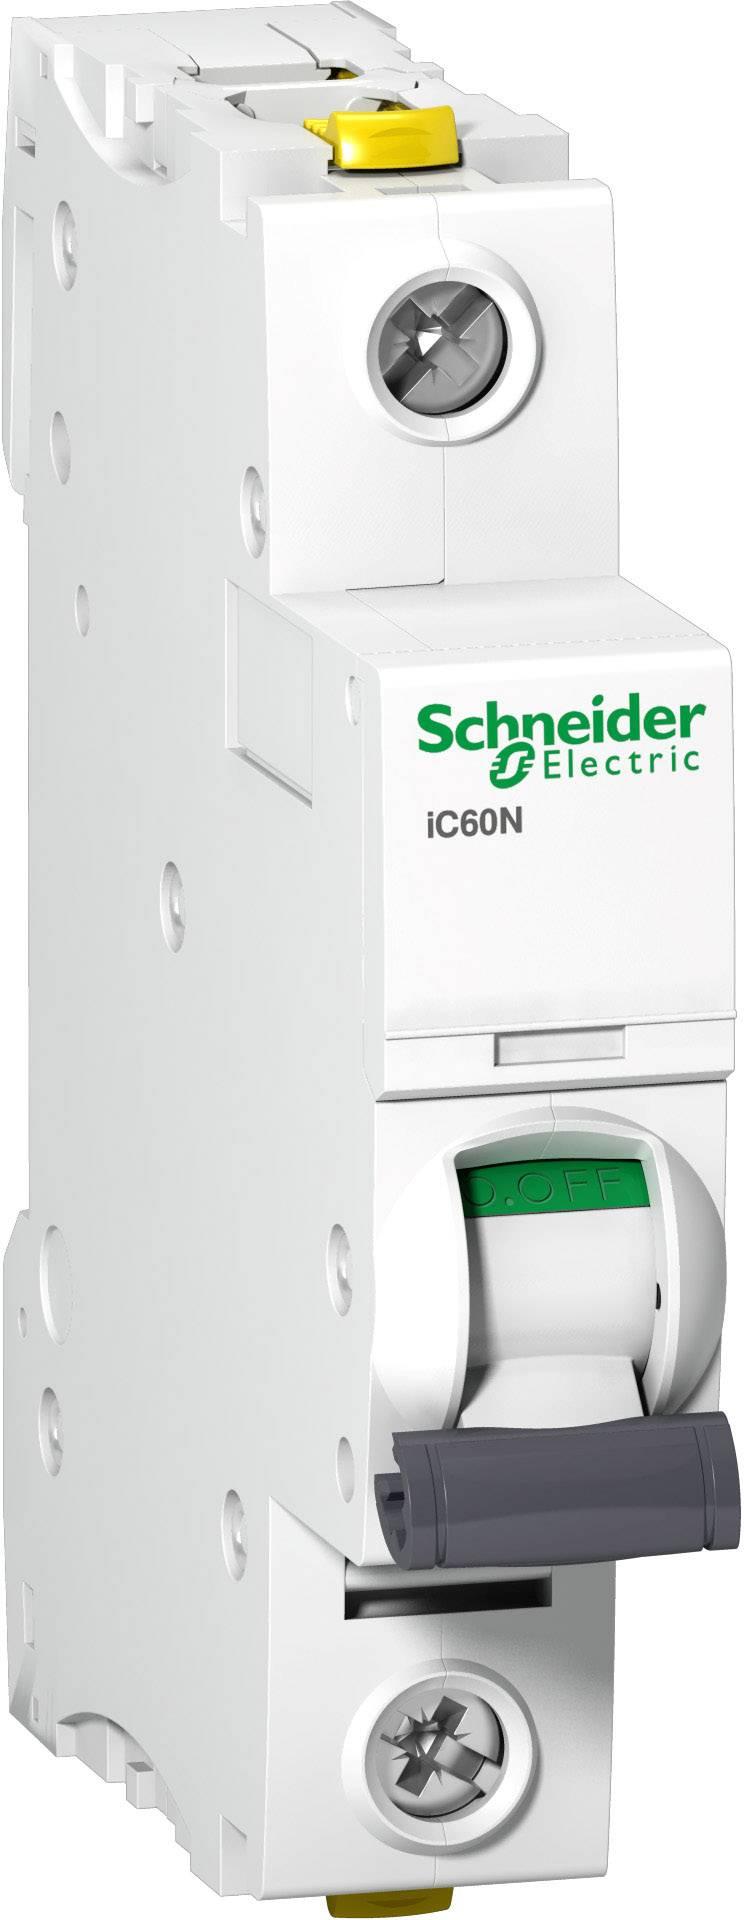 Elektrický jistič Schneider Electric A9F04120, 20 A, 230 V